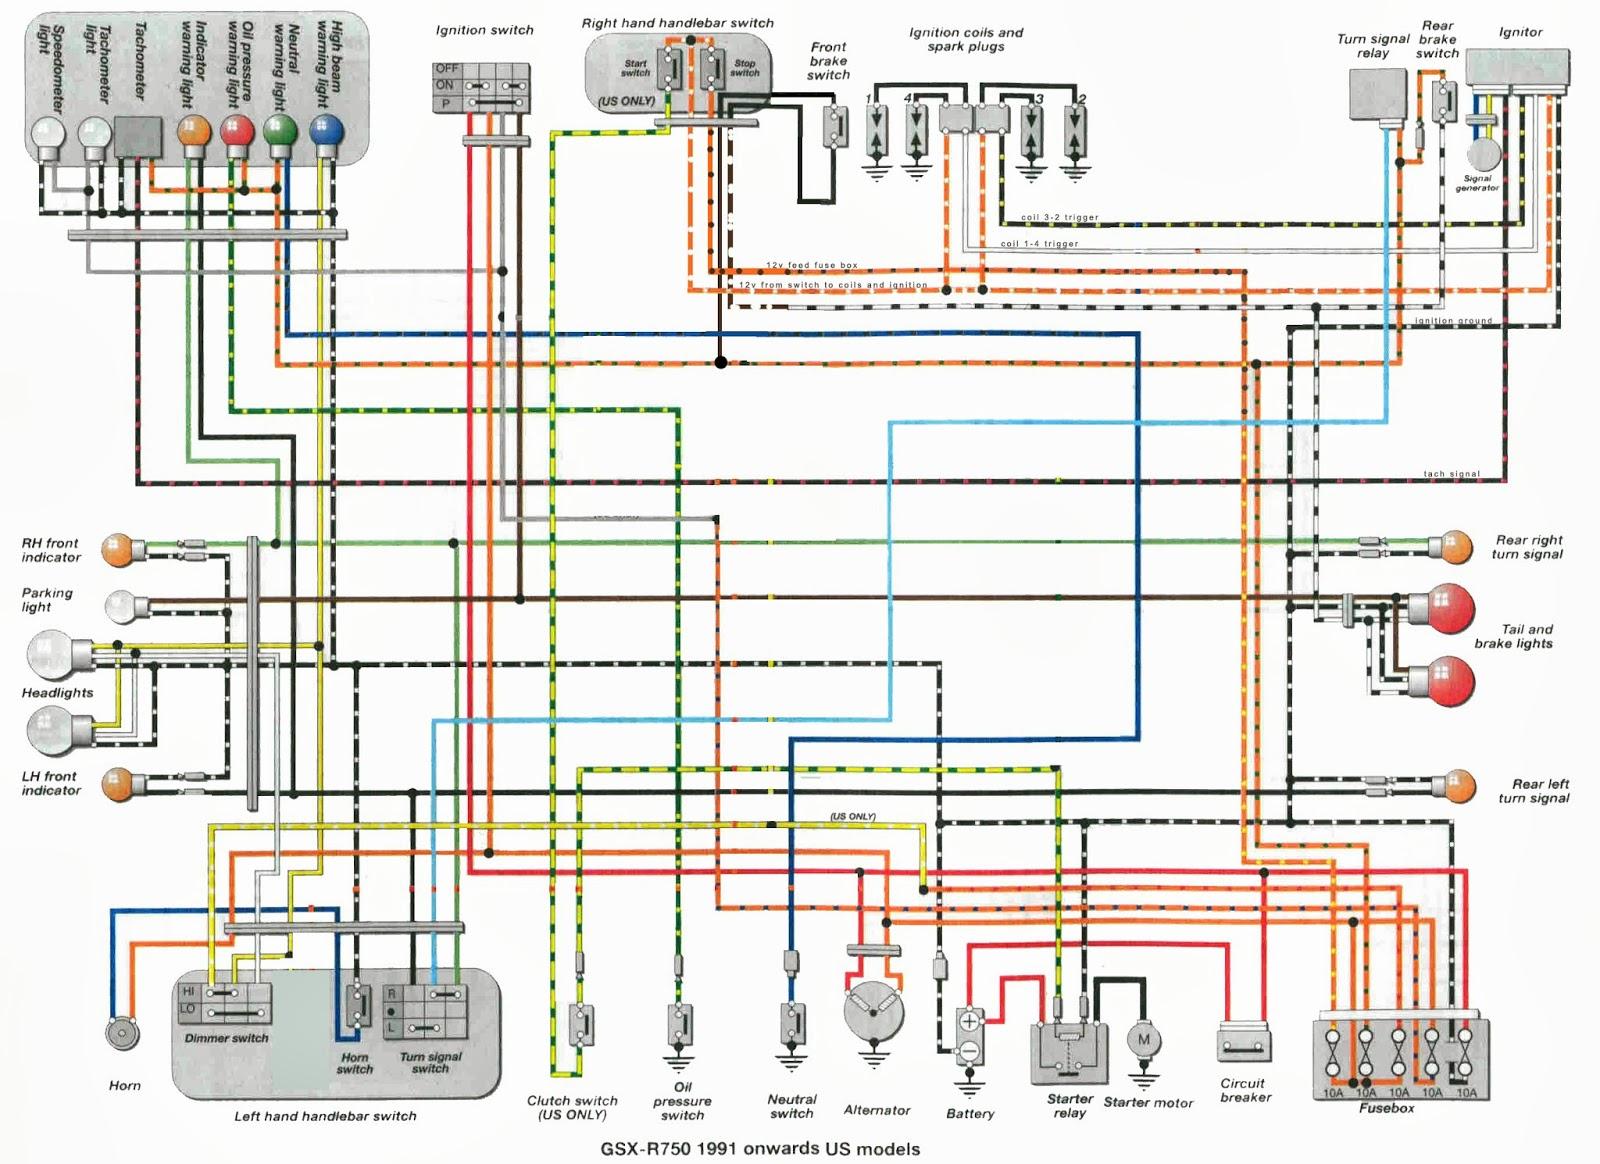 [NRIO_4796]   AG_7689] Suzuki Marauder Vz800 Wiring Diagram Download Diagram | 2002 Vz800 Wiring Diagram |  | Ifica Inst Simij Chor Mohammedshrine Librar Wiring 101